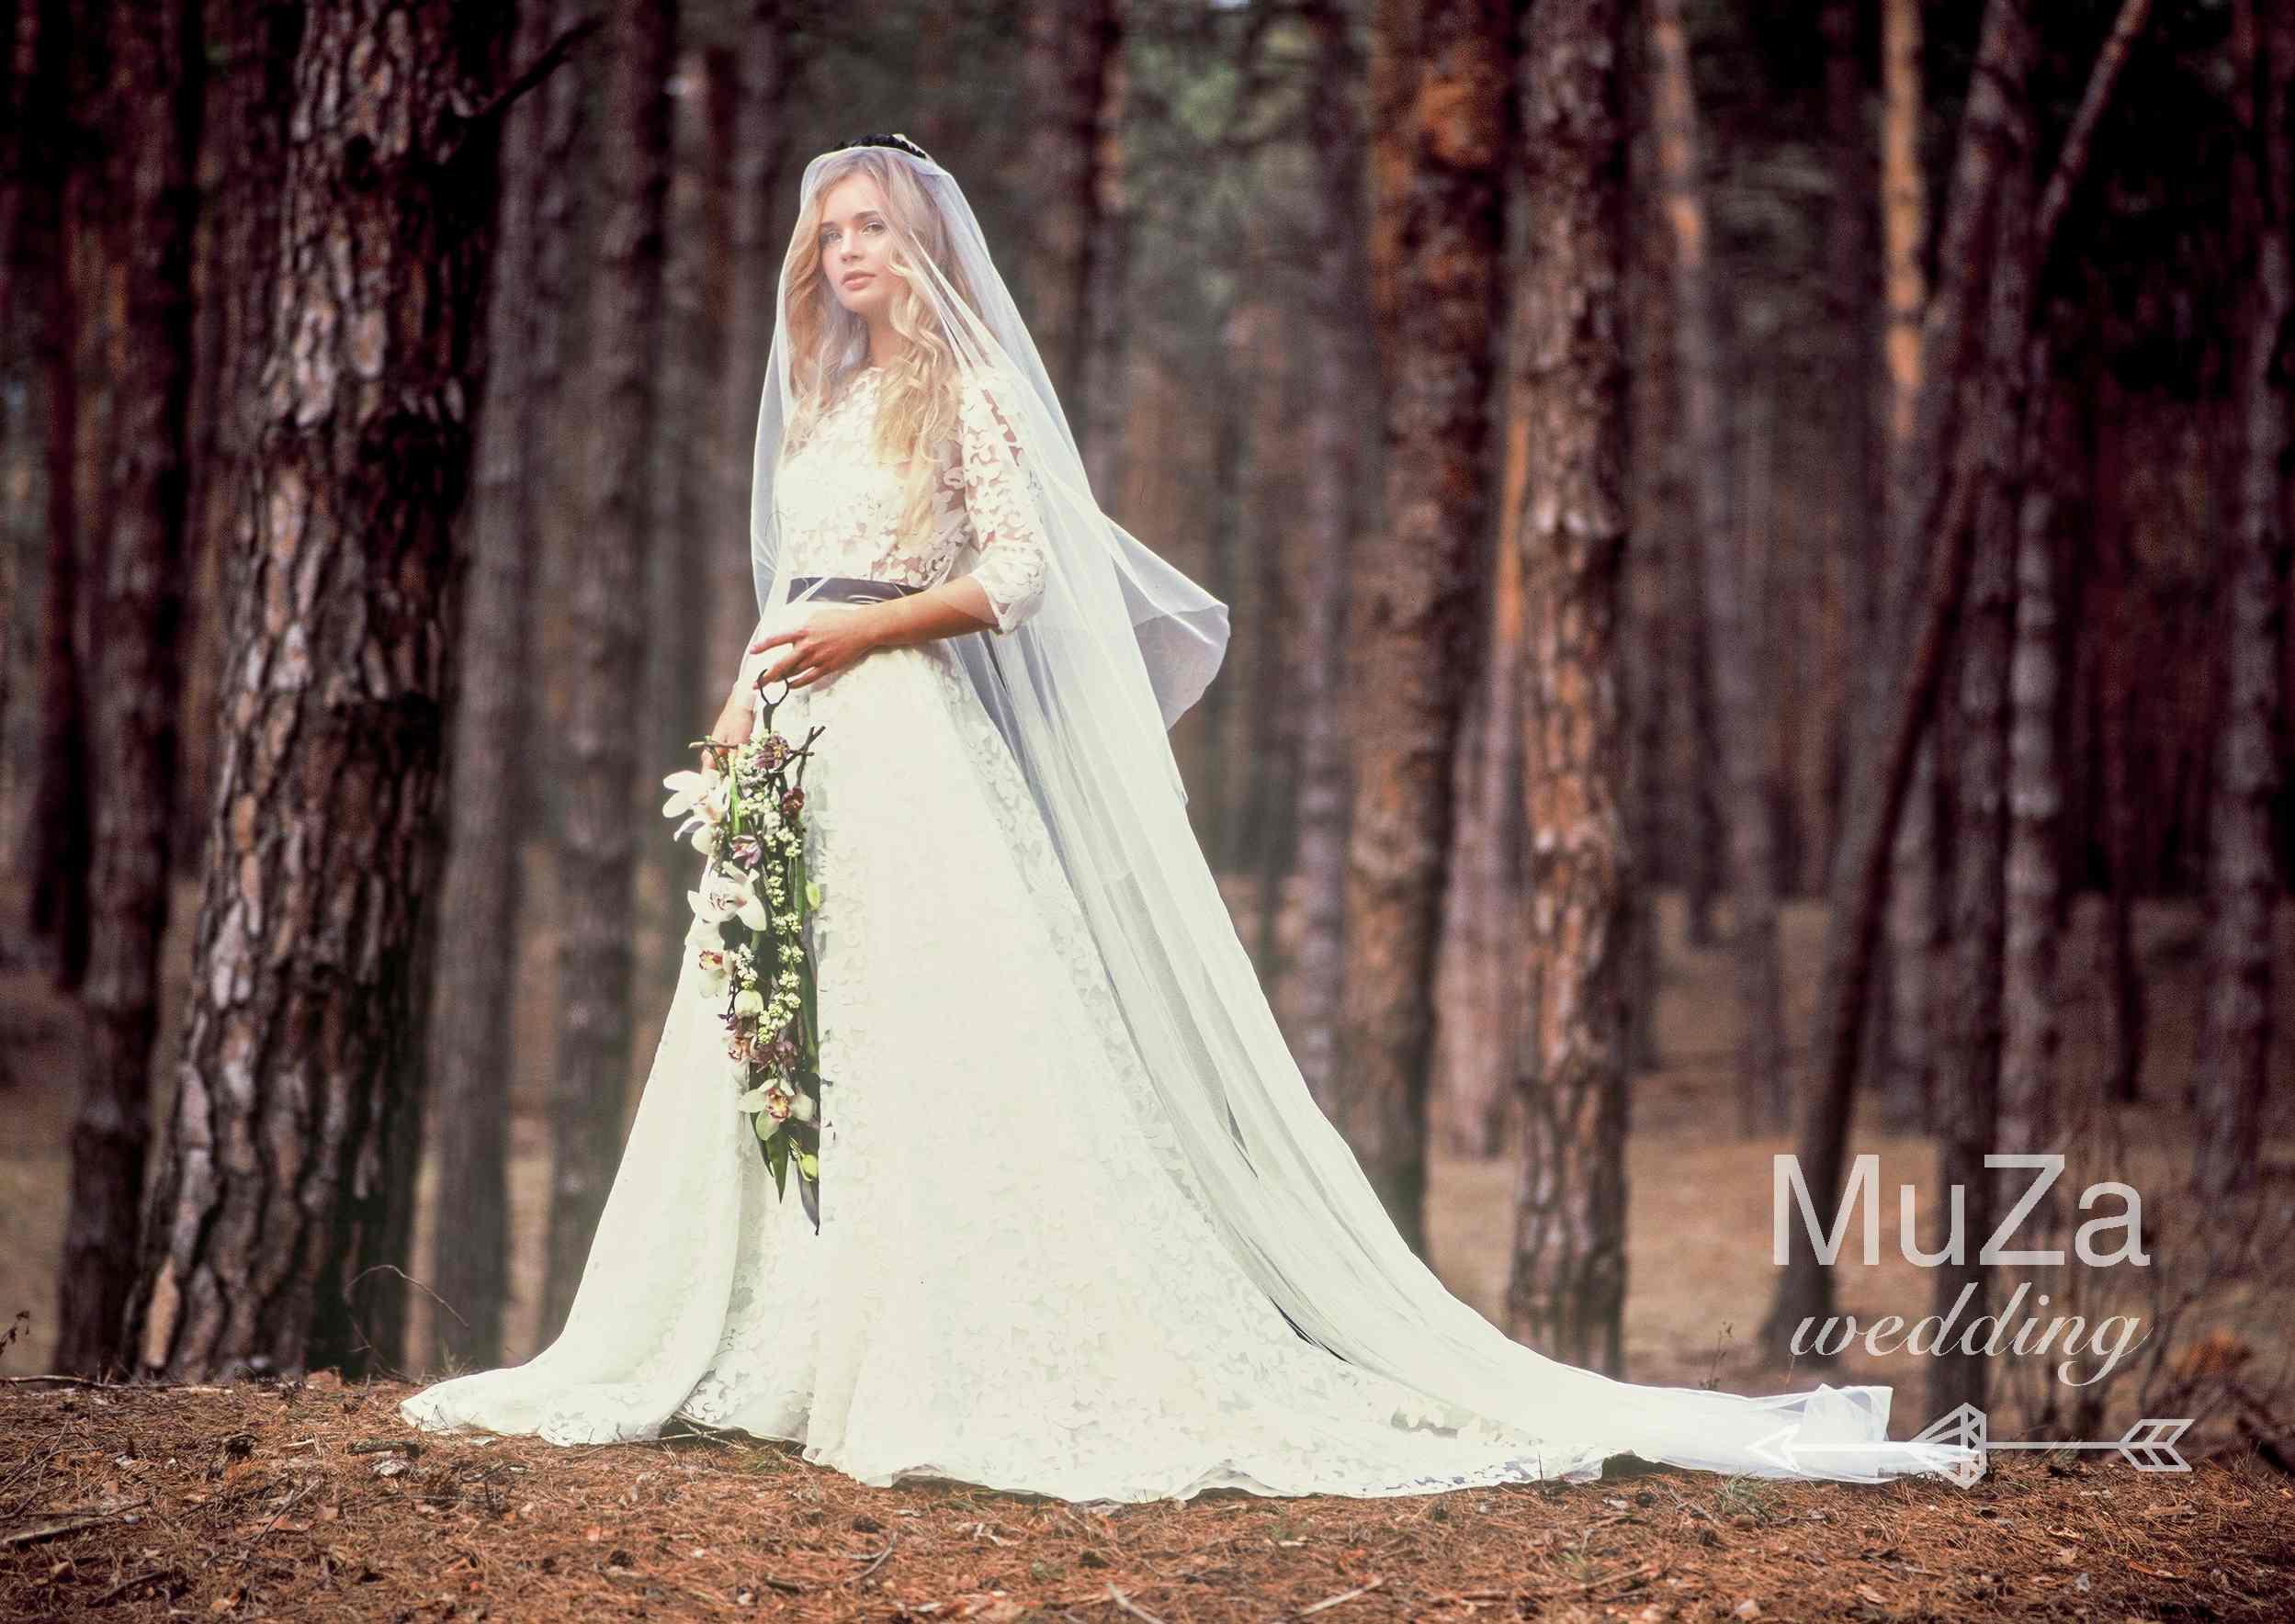 элегантный светлый образ невесты